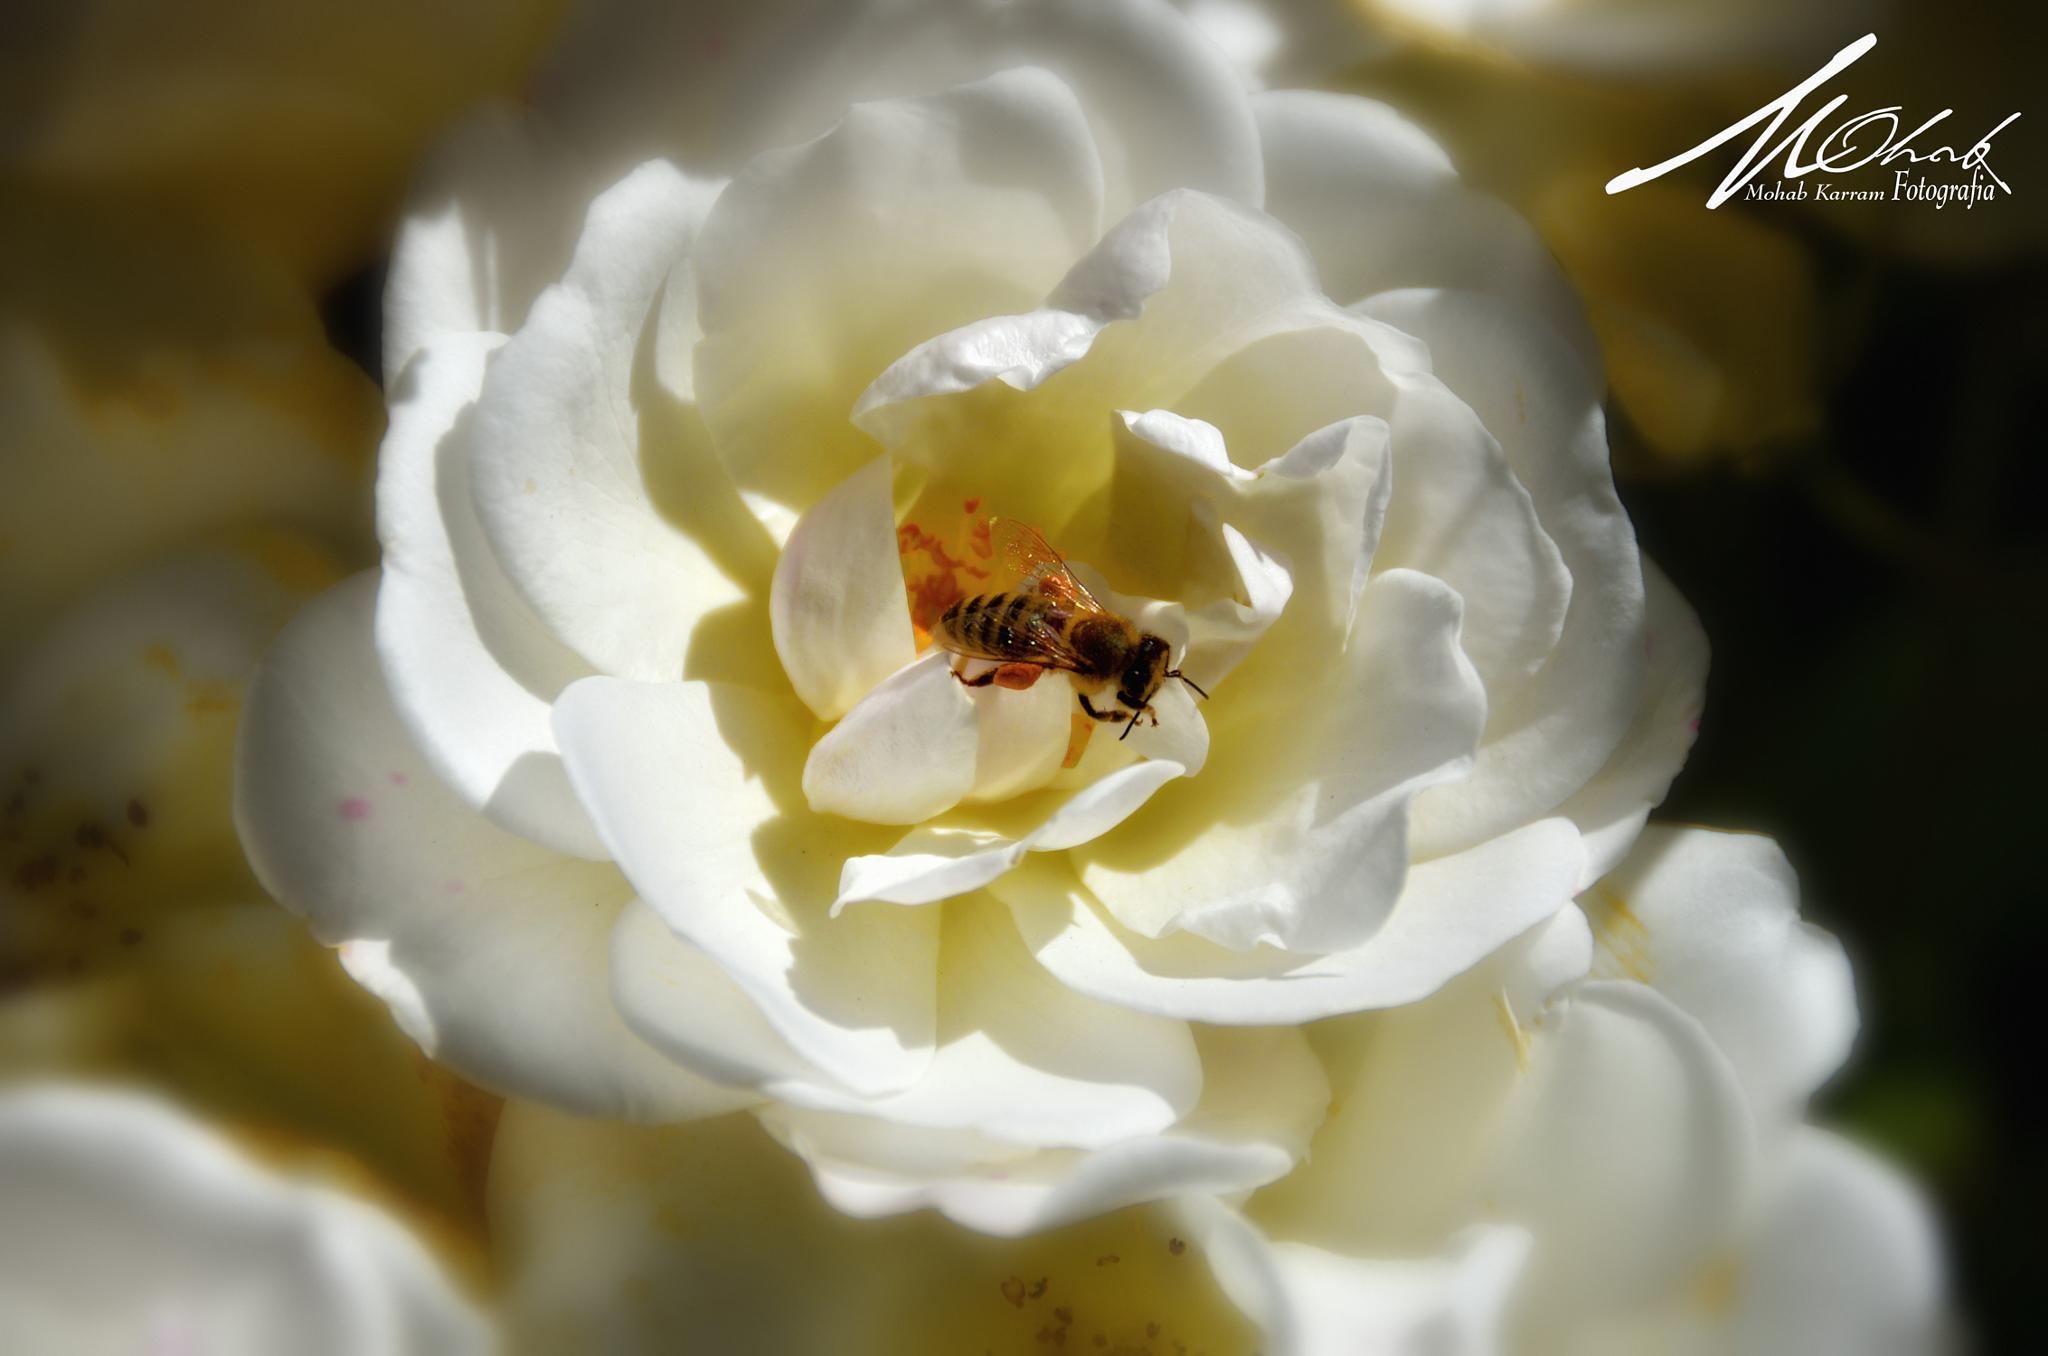 The Honey Maker by mohab.karram